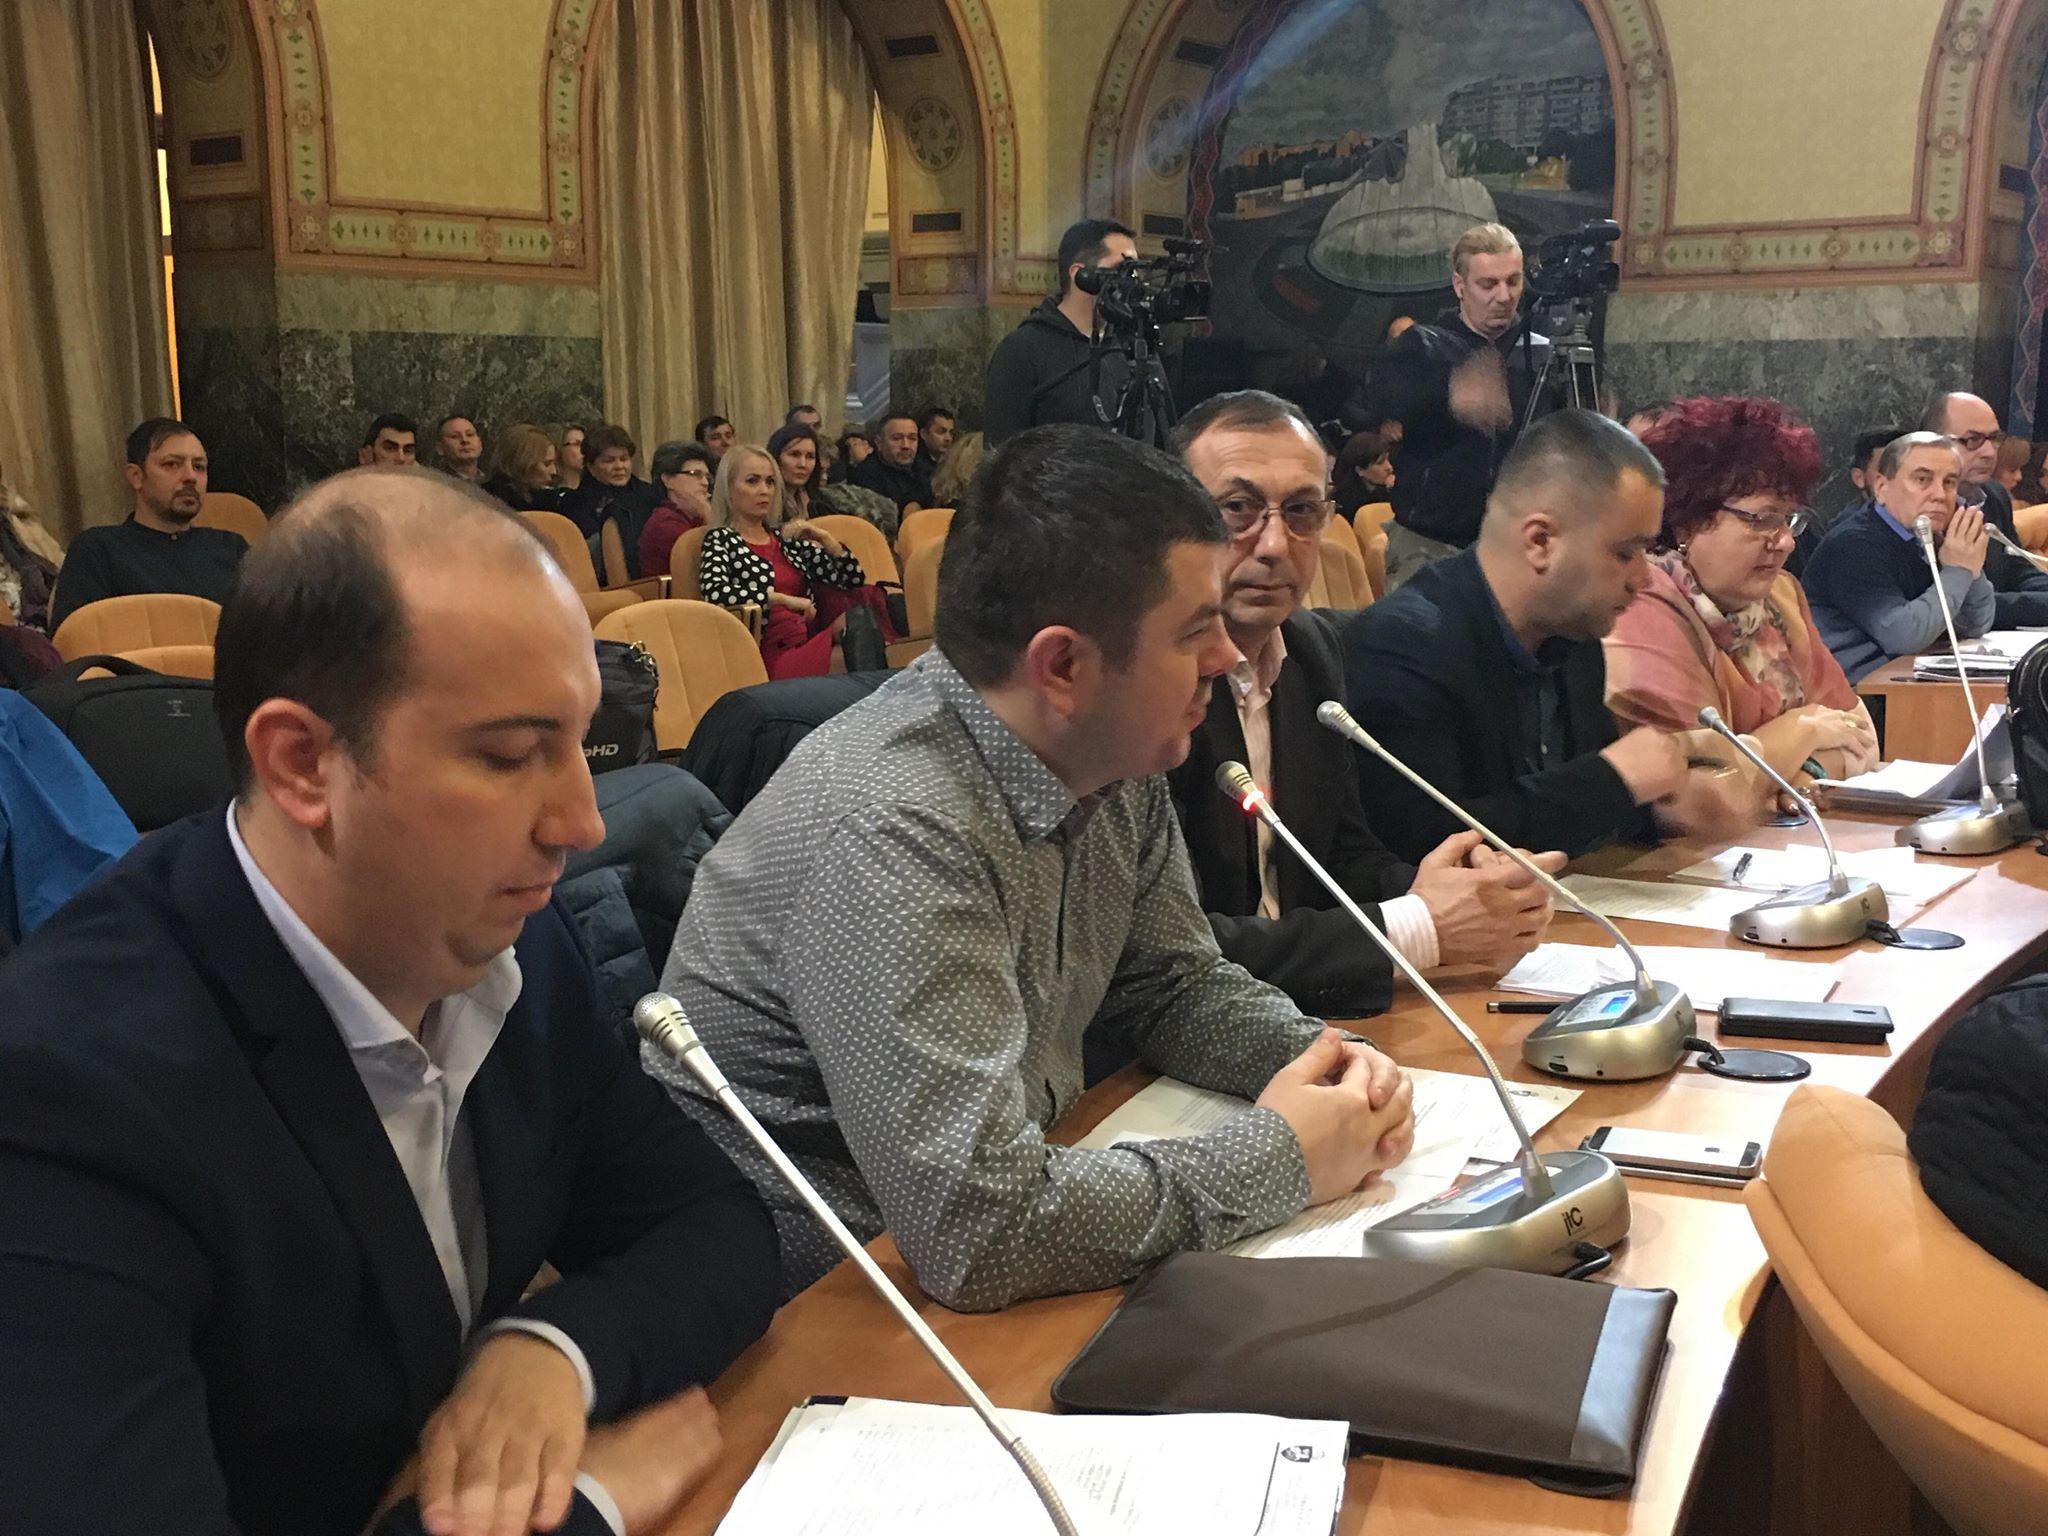 Liberalii şi consilierul ALDE, vot împotriva bugetului Craiovei